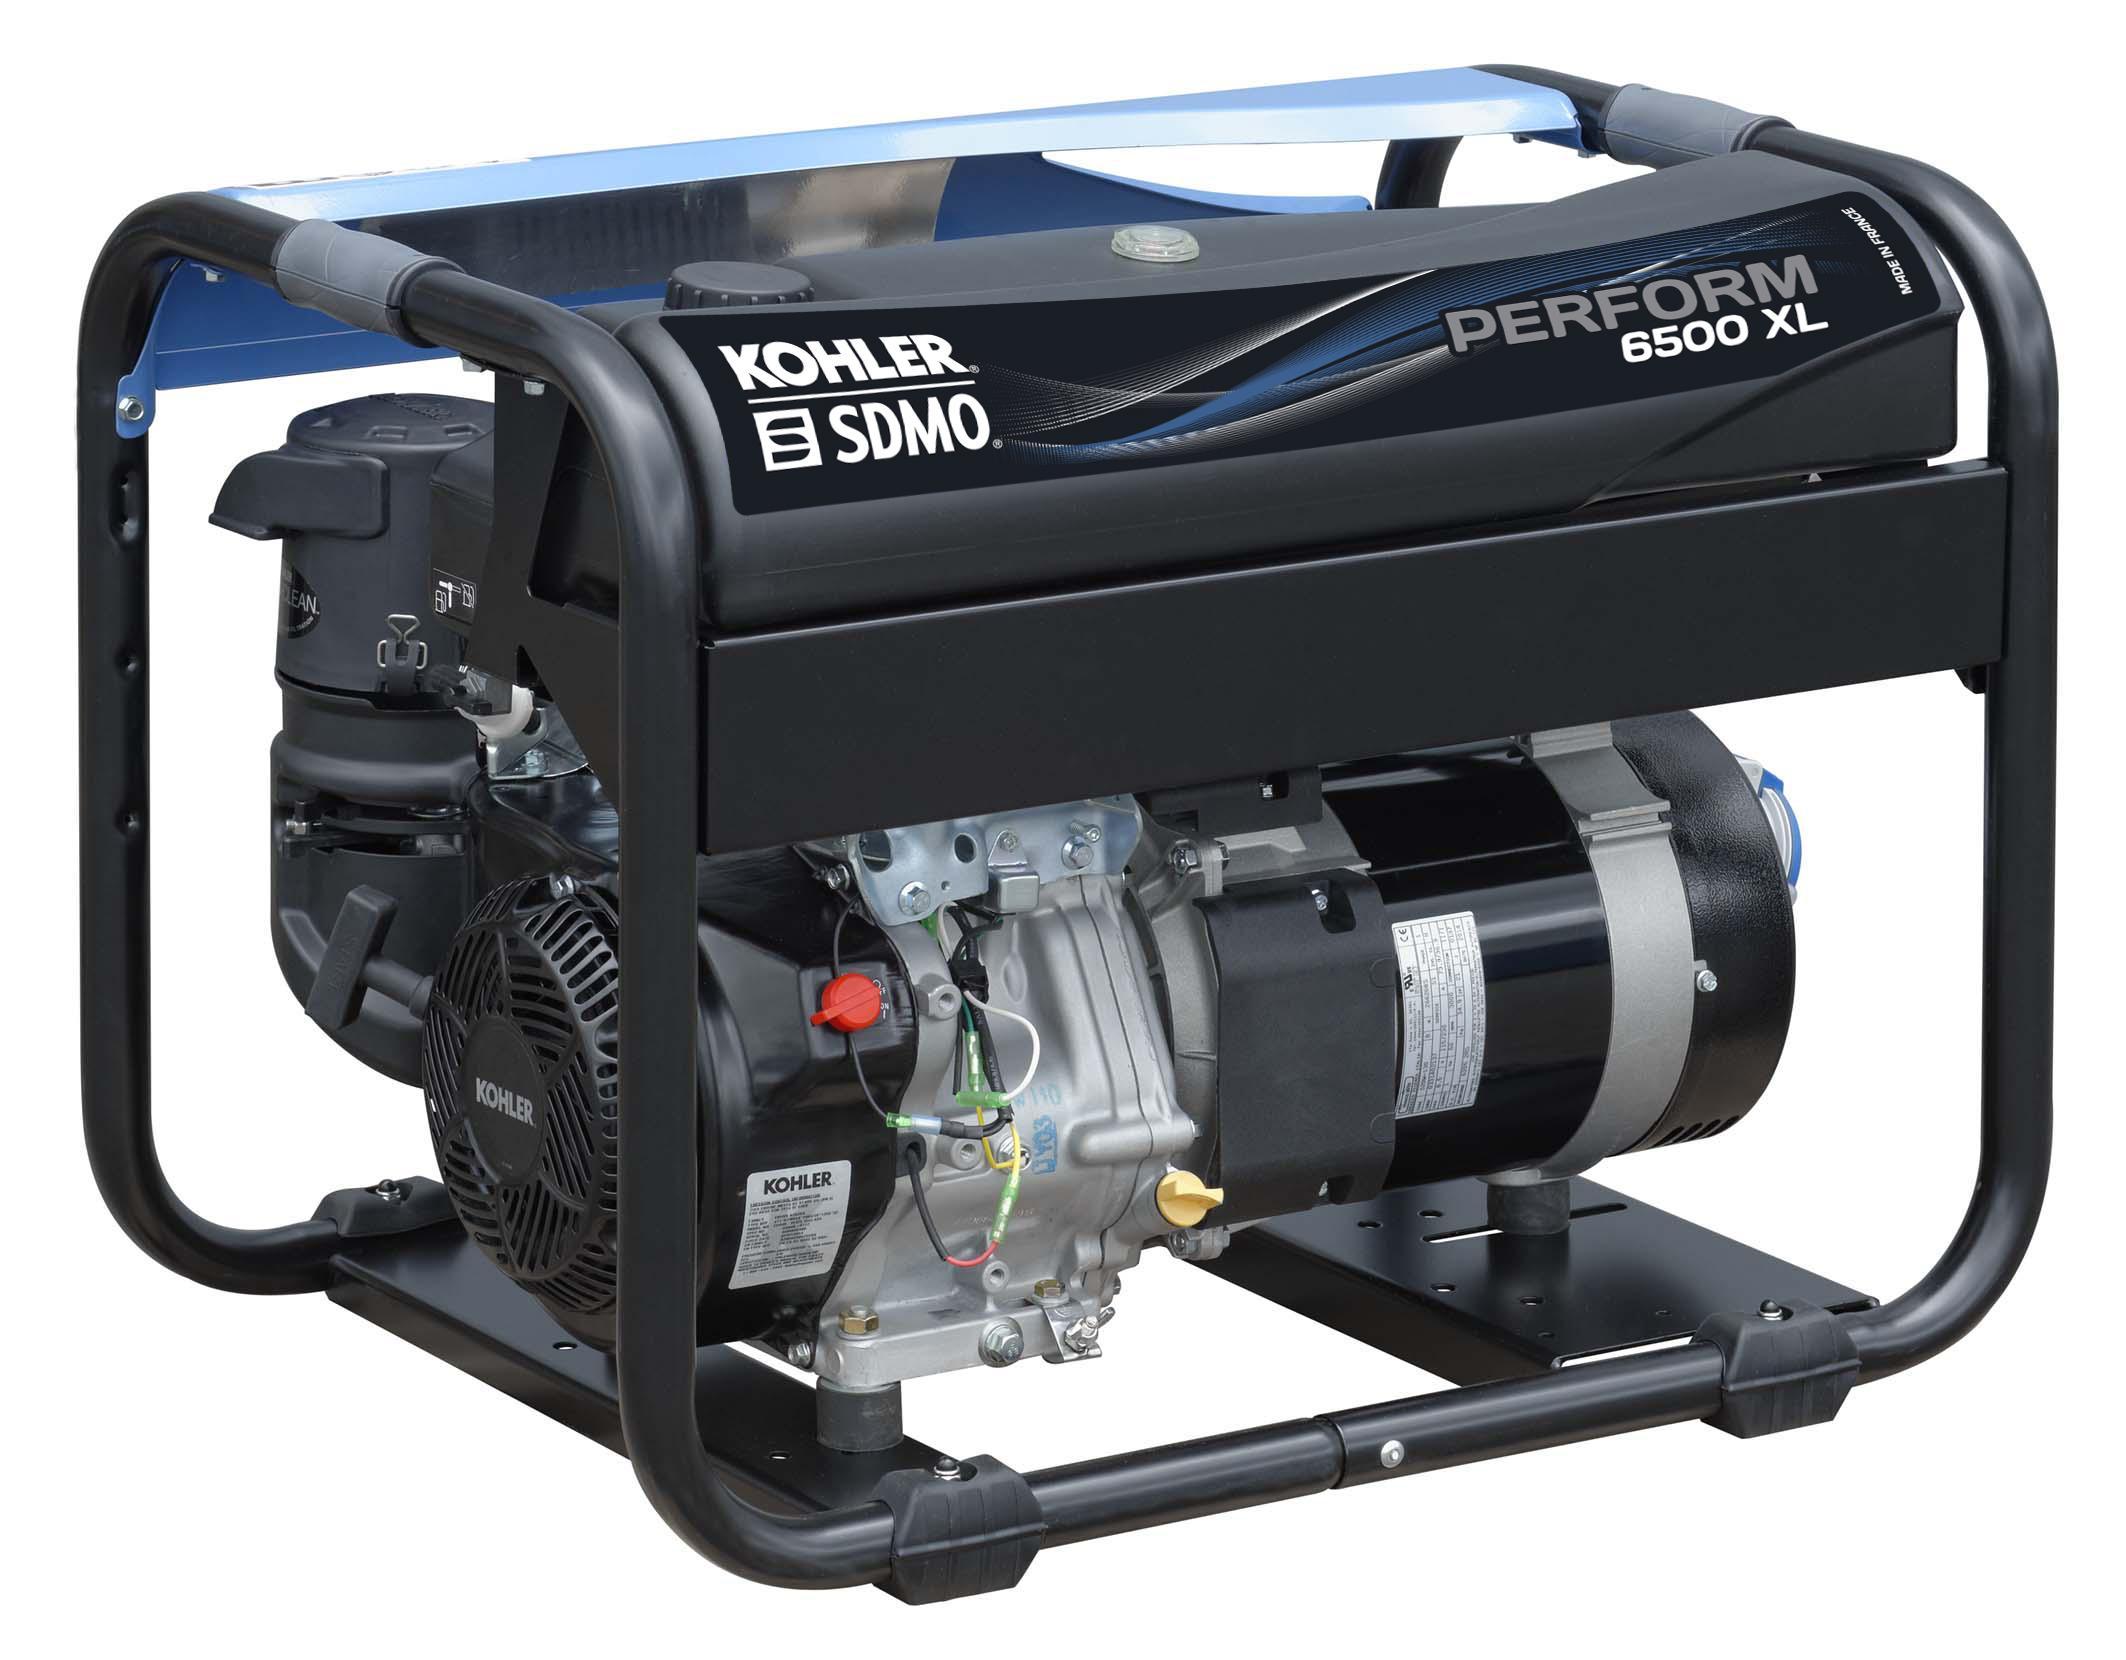 Бензиновый генератор Sdmo Perform 6500xl